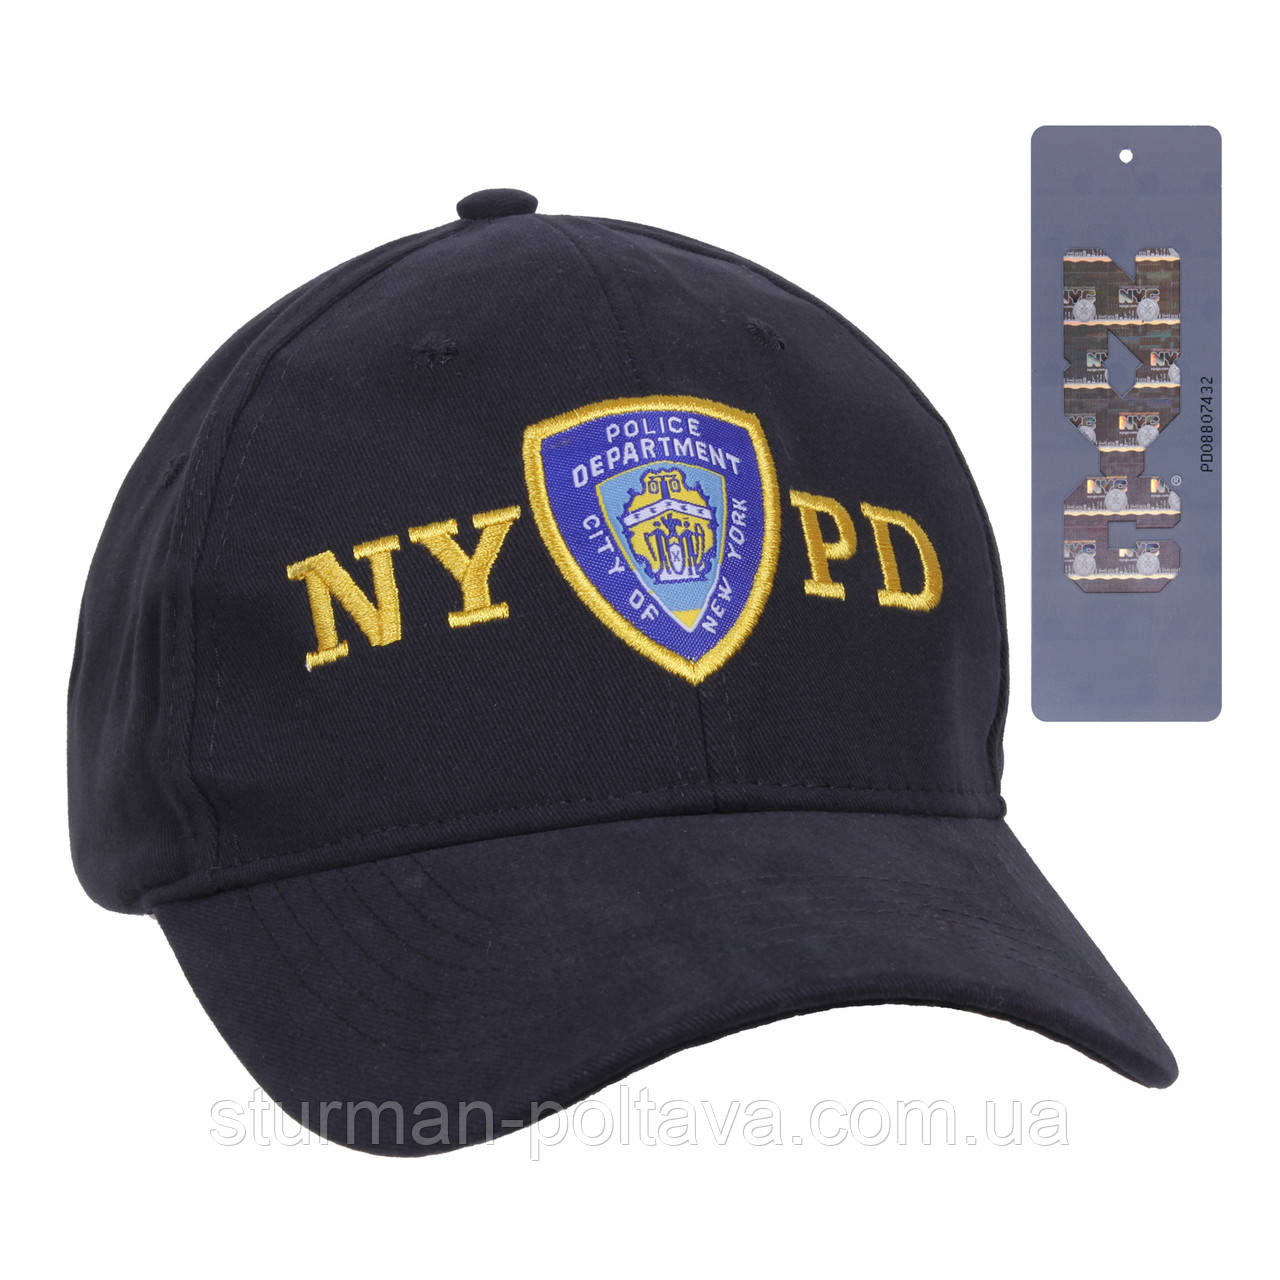 """Бейсболка чоловіча поліція ліцензійна Вишвка """"NYPD"""" з шевроном Rotcho США"""